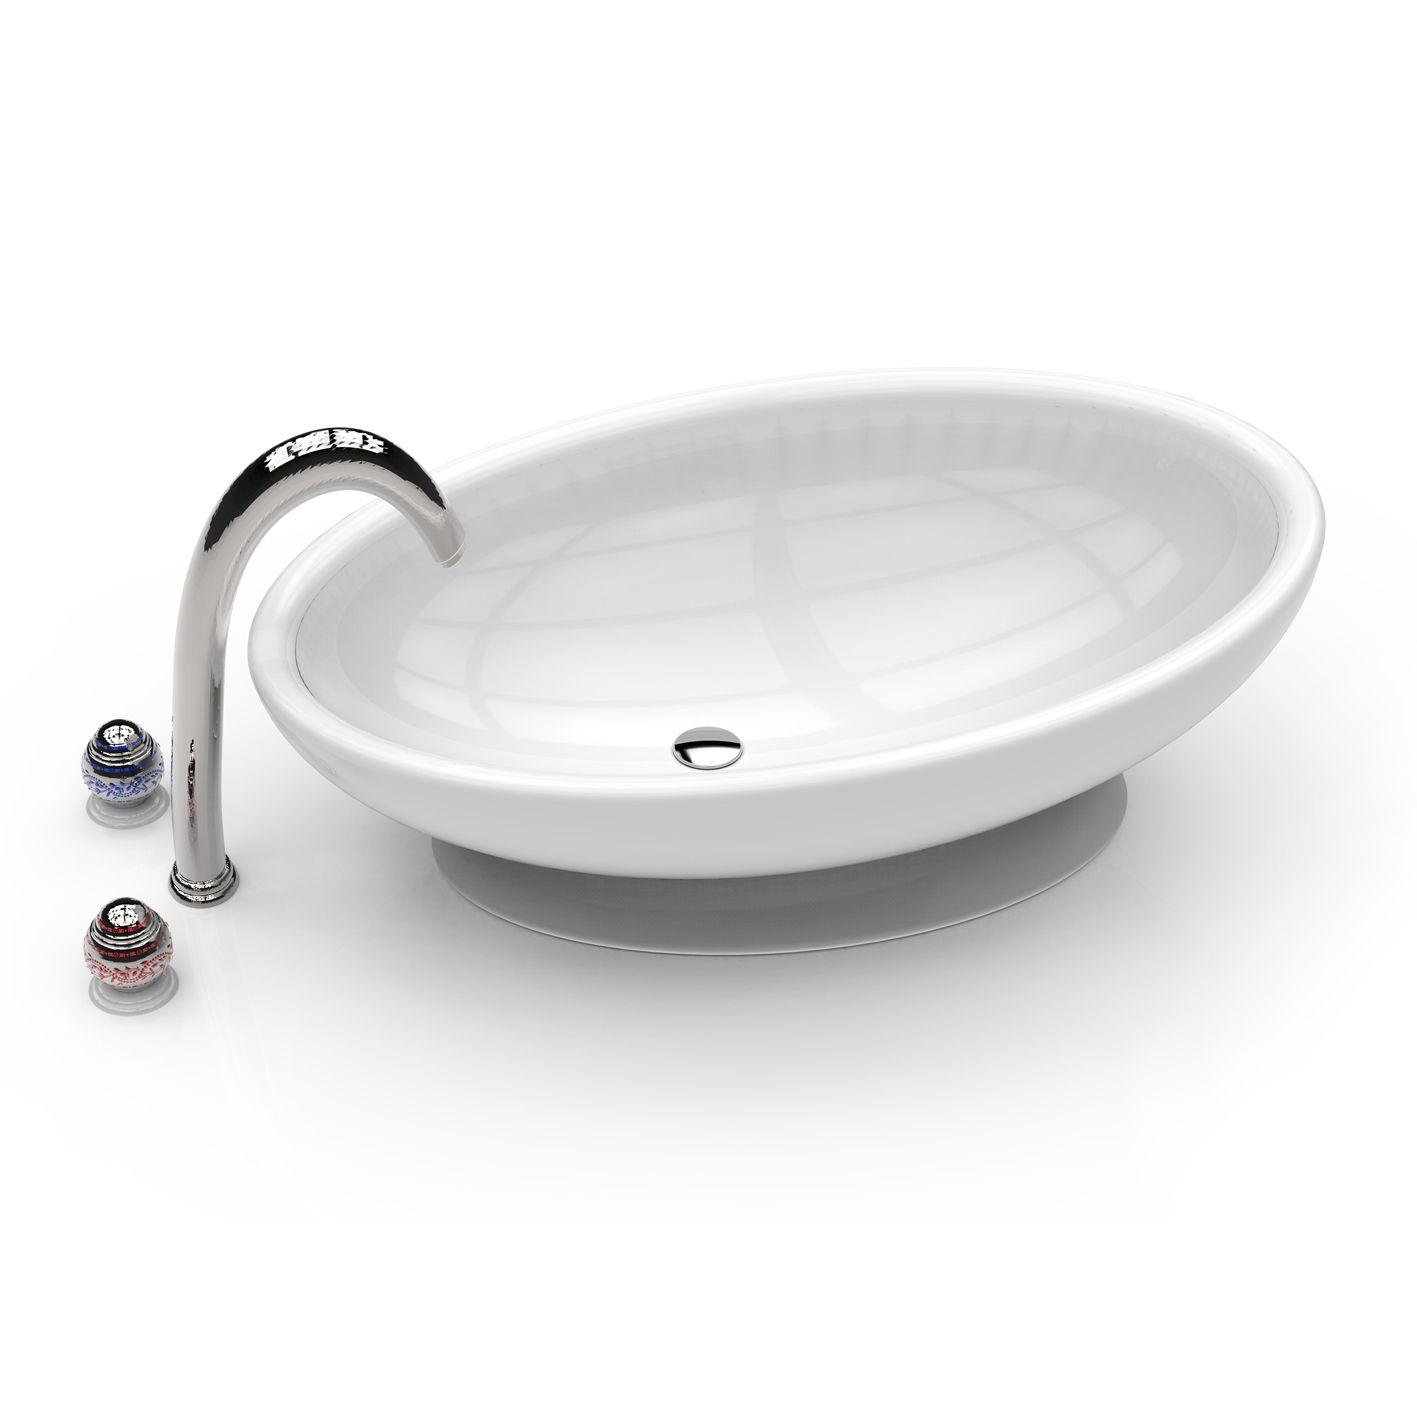 Egg la forma di questo lavandino per il bagno ricorda una met di uovo da cui prende il nome - Fare il bagno con l assorbente interno ...